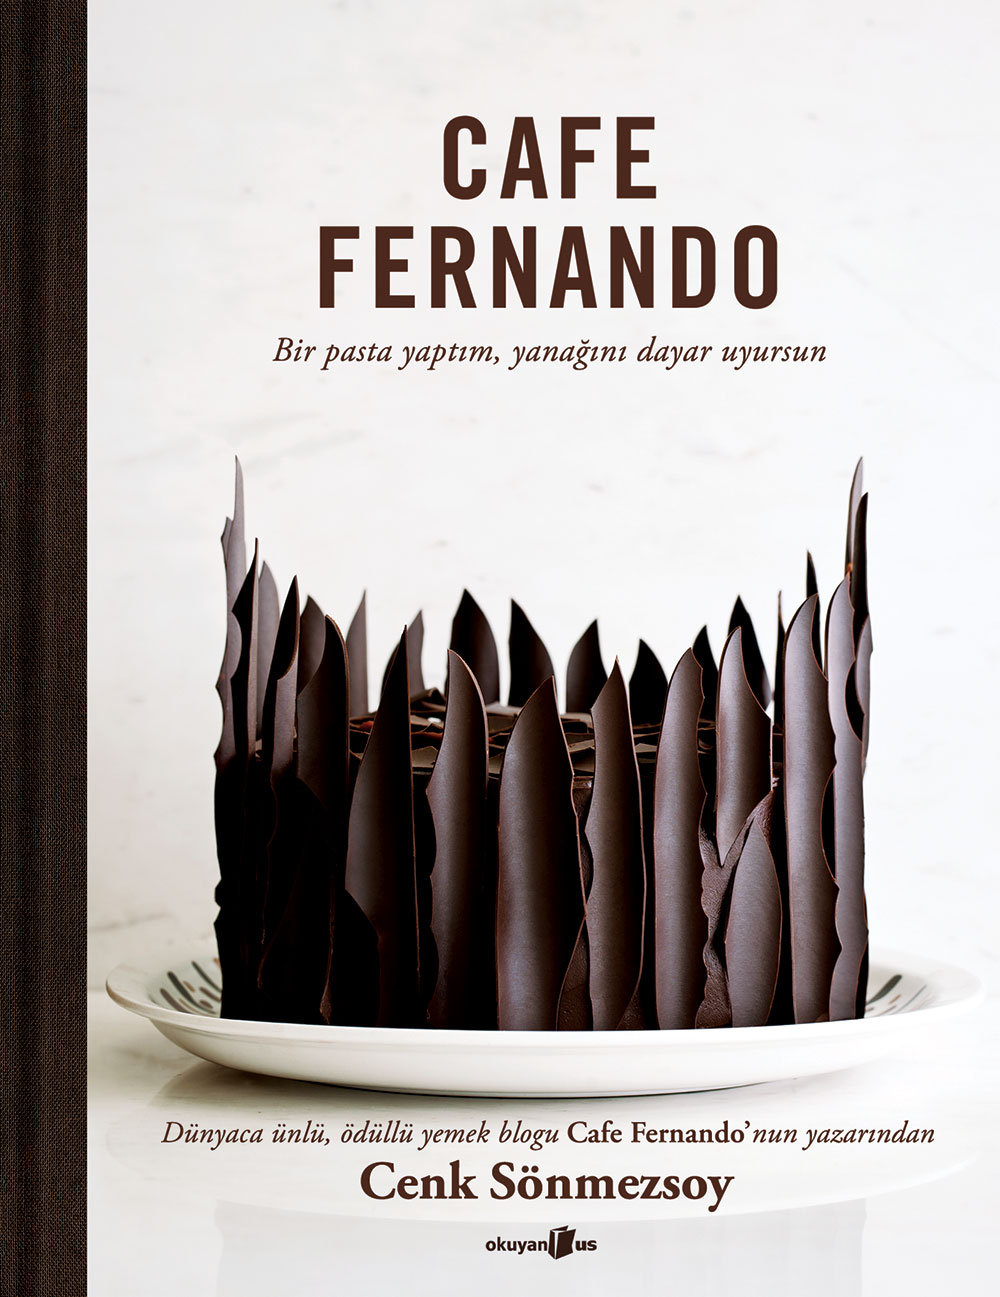 Cafe Fernando Cookbook